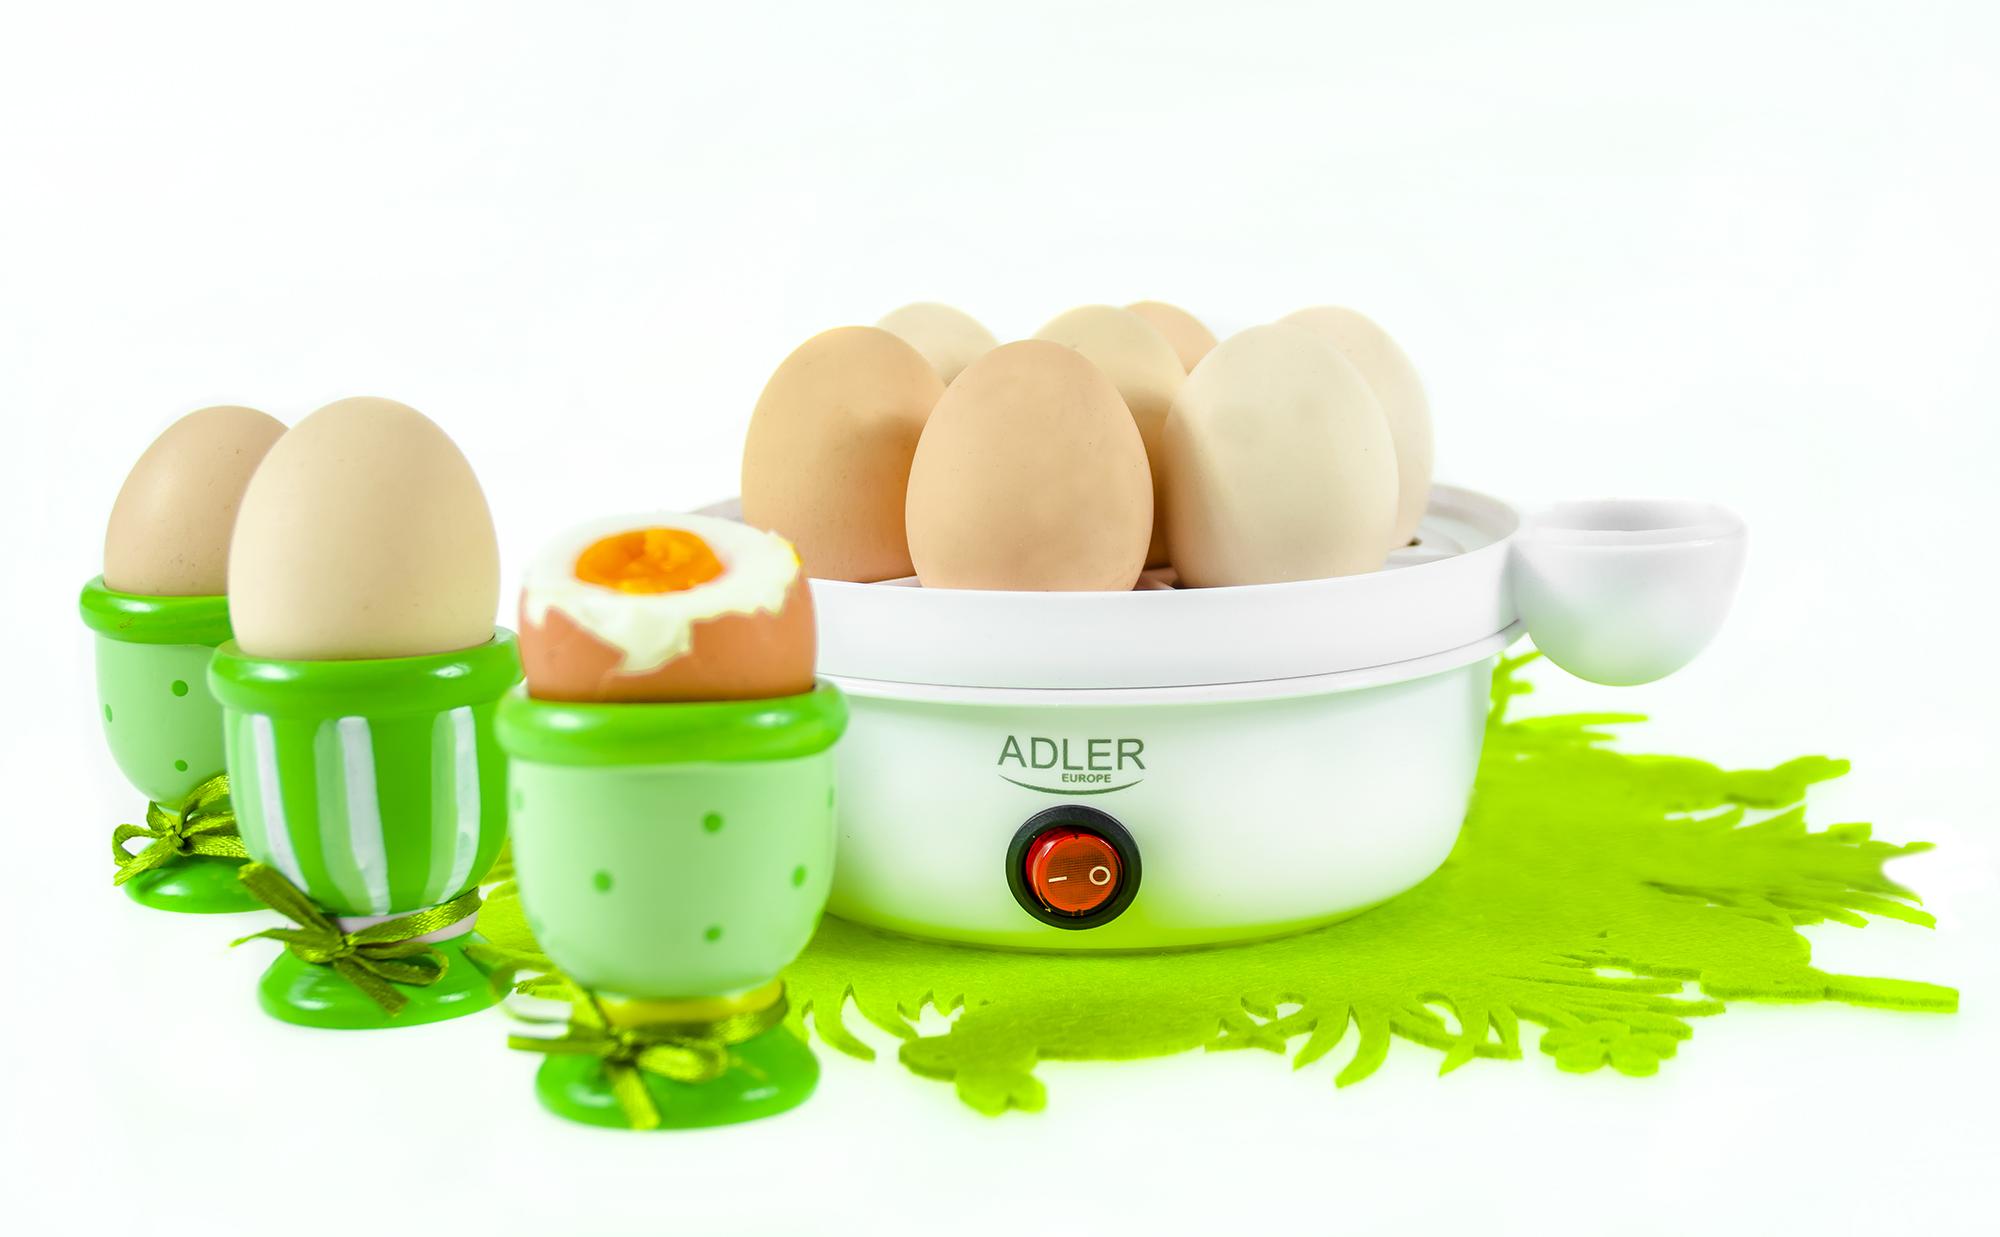 ADLER AD-4459 Cuece Huevos Eléctrico para 7 Huevos, Tapa Transparente, Ajuste de Cocción, Protección por Sobre Calentamiento, 360W, Libre de BPA